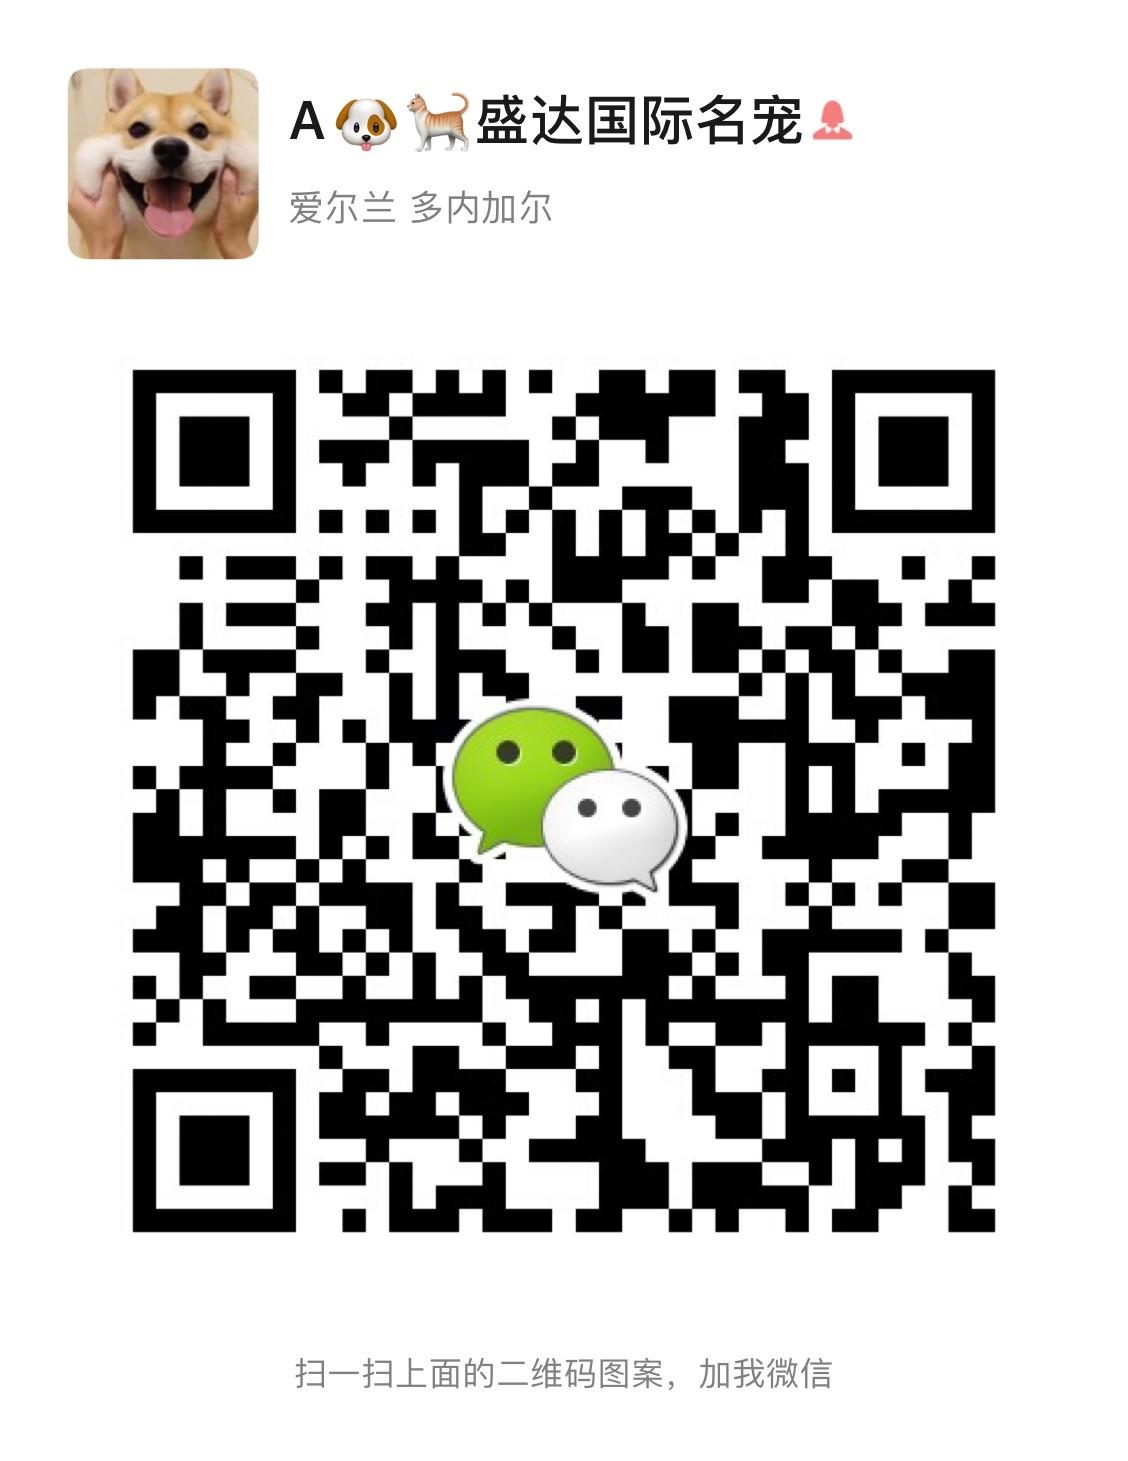 家养繁殖茶杯玩具可爱的韩国血统贵宾犬 贵宾犬价格15